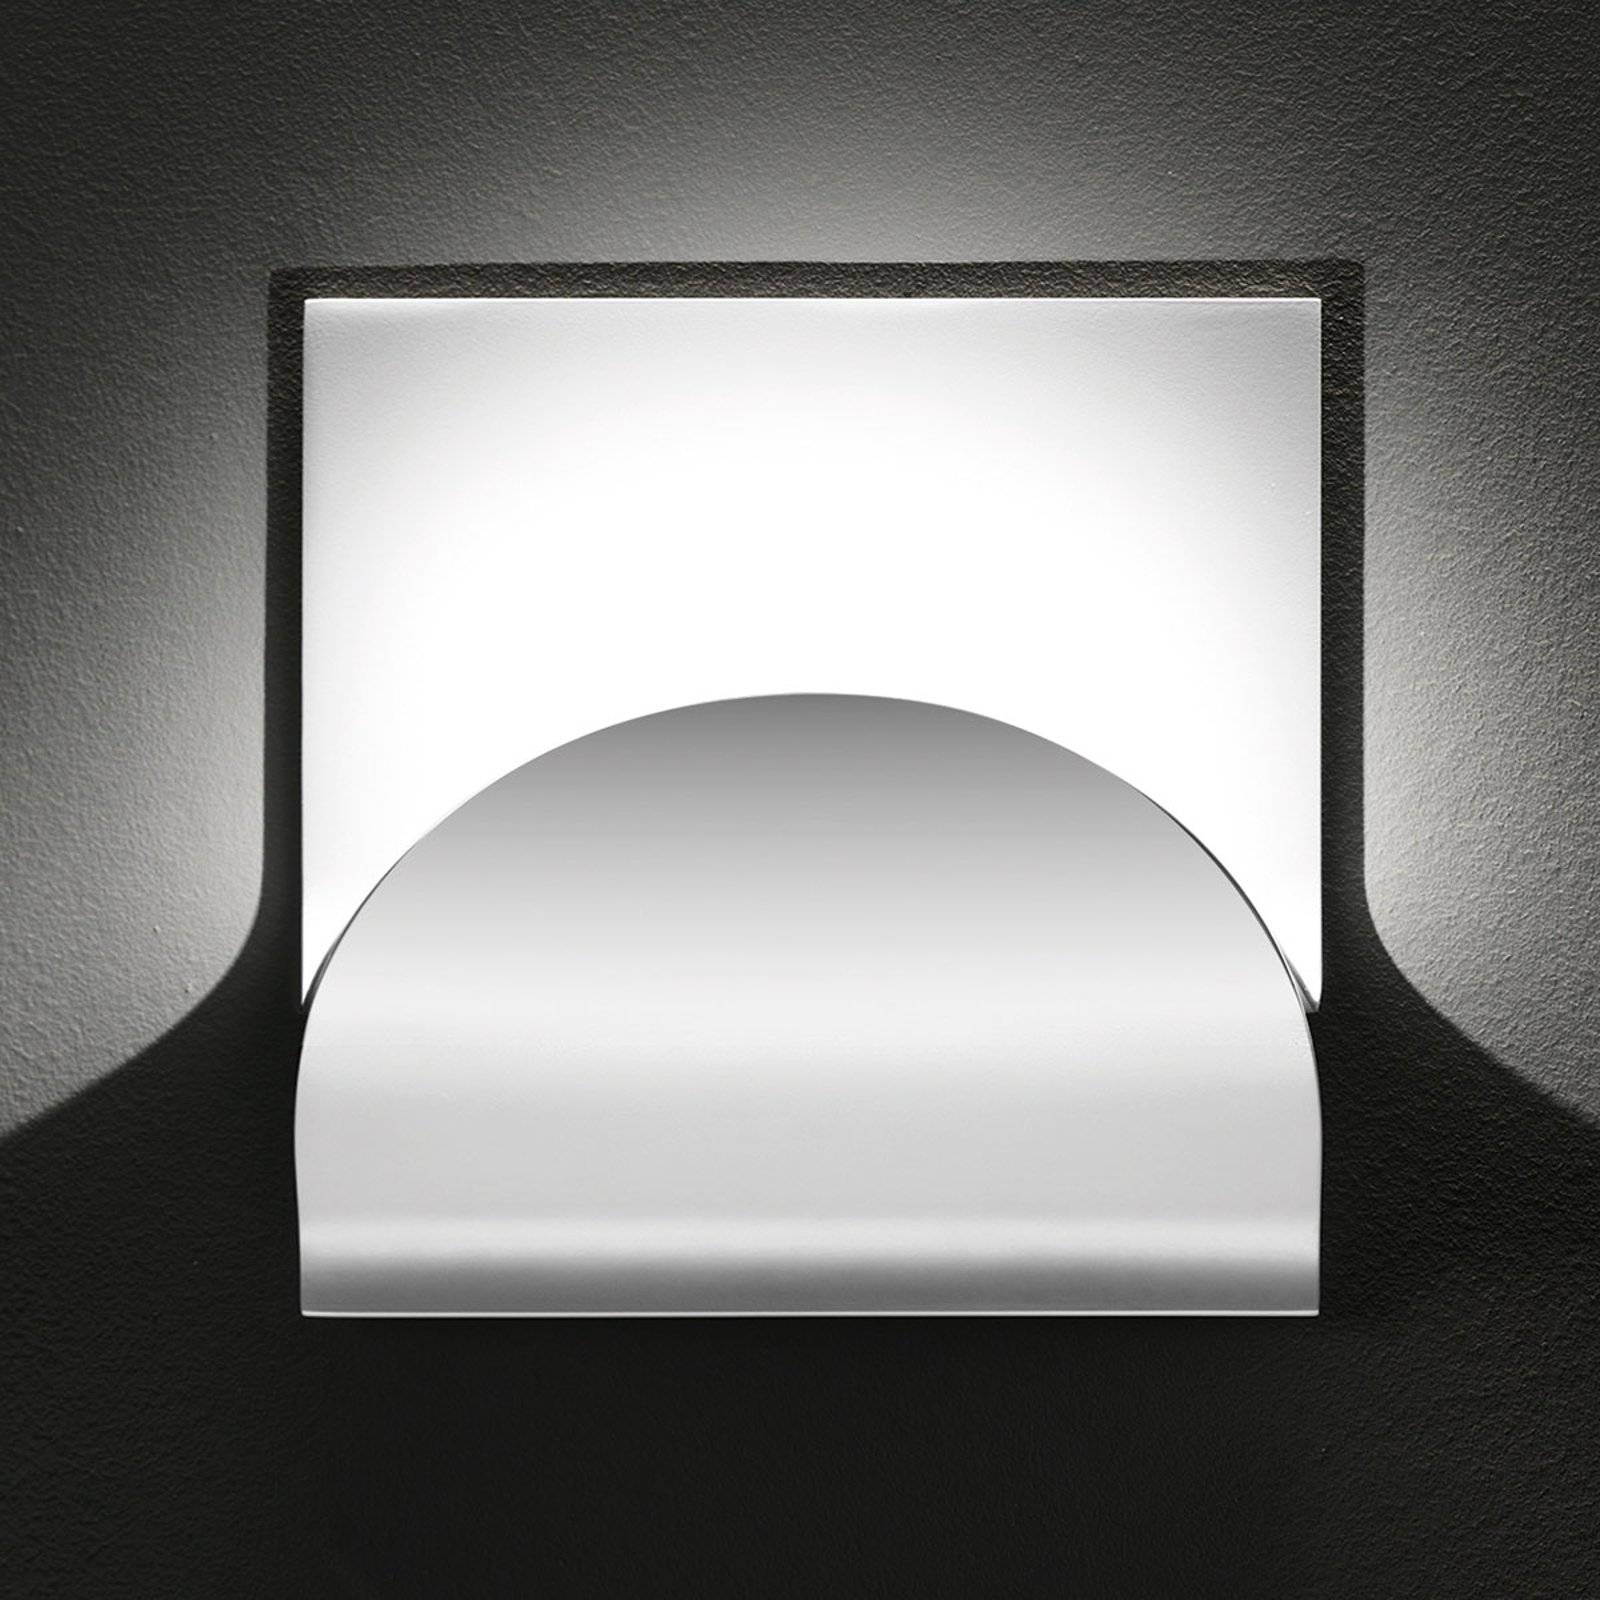 Cini&Nils Incontro kinkiet LED biały